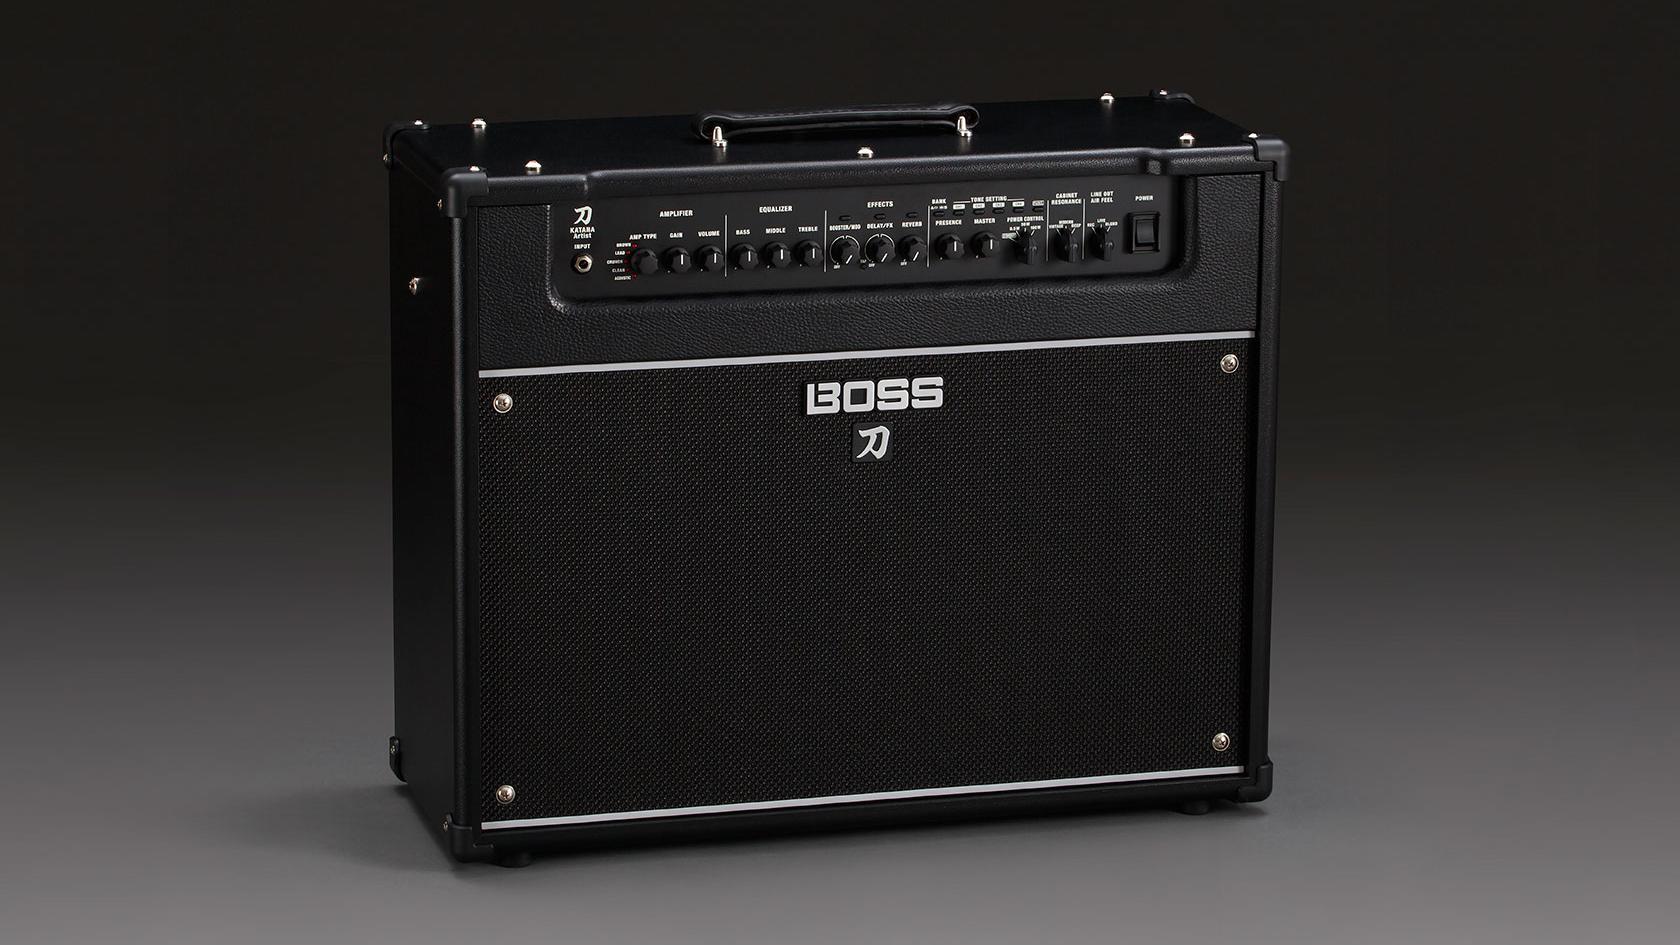 Boss releases the Katana-Artist guitar amplifier